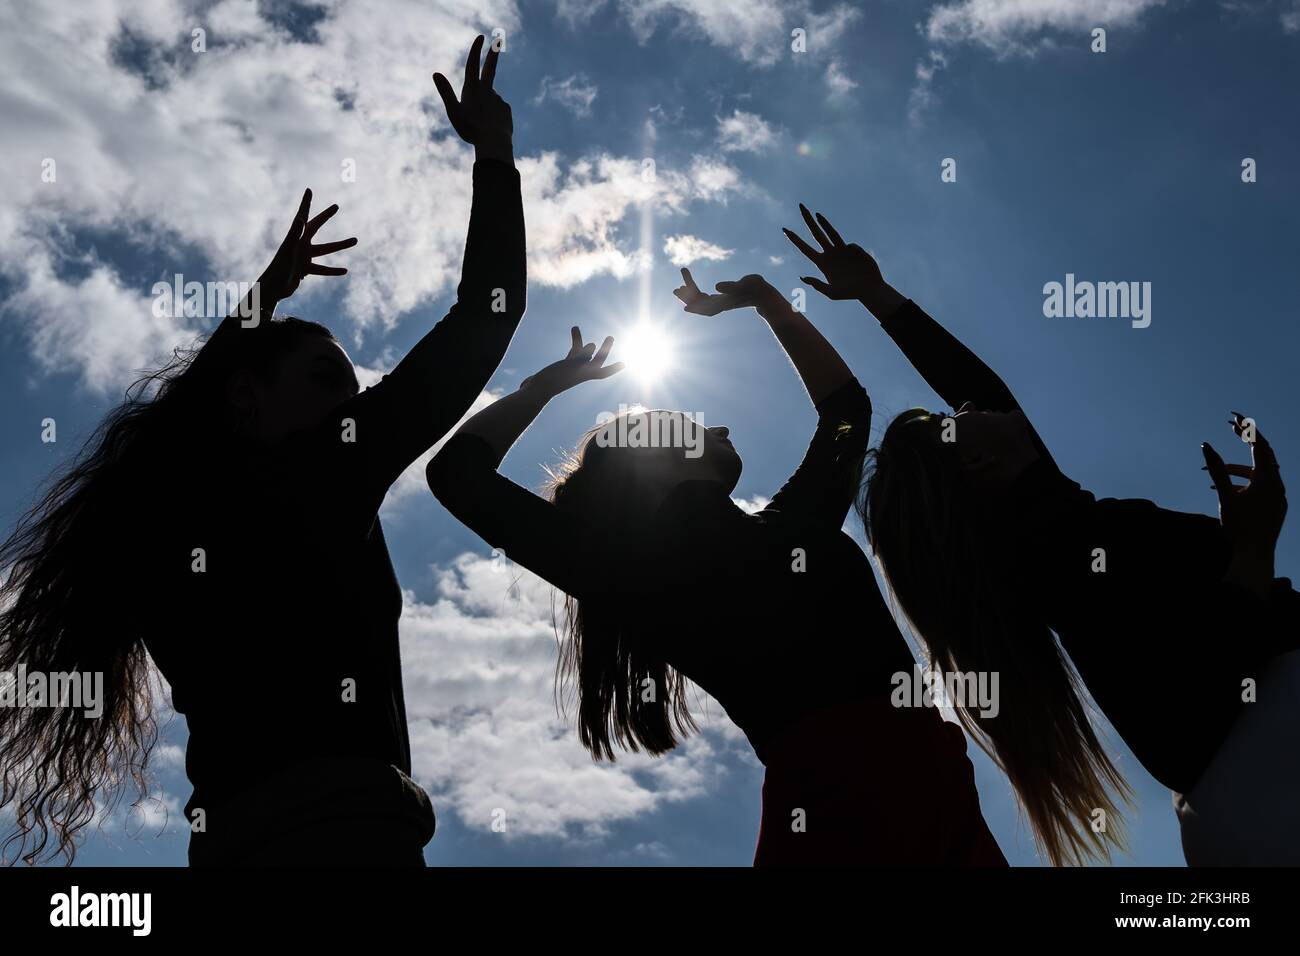 Londres, Royaume-Uni. 28 avril 2021. Journée internationale de la danse : les danseurs de Ranbu se produisent sur Hampstead Heath avant la Journée internationale de la danse le 29 avril (L-R Coralie Calfond, Belinda Roy, Sophie Chinner). Le nouveau collectif de danse basé à Londres et au Japon vise à créer une plate-forme pour les danseurs contemporains de collaborer, de jouer et de partager des idées avec d'autres artistes. Célébrée pour la première fois en 1982, la Journée internationale de la danse a lieu chaque année depuis la naissance de Jean-Georges Noverre (1727-1810), créateur du ballet moderne. Credit: Guy Corbishley/Alamy Live News Banque D'Images